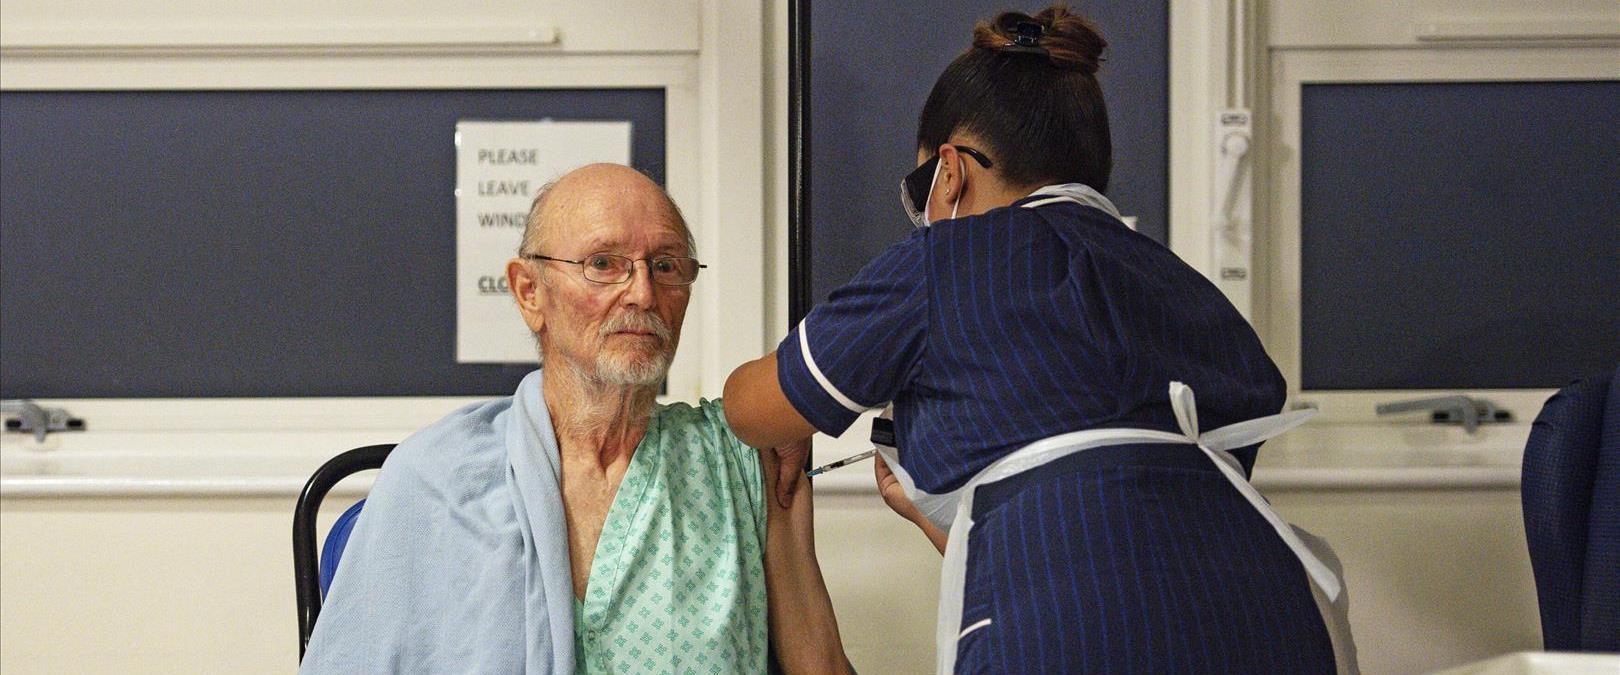 האיש הראשון בעולם שקיבל את חיסון פייזר, וויליאם שי